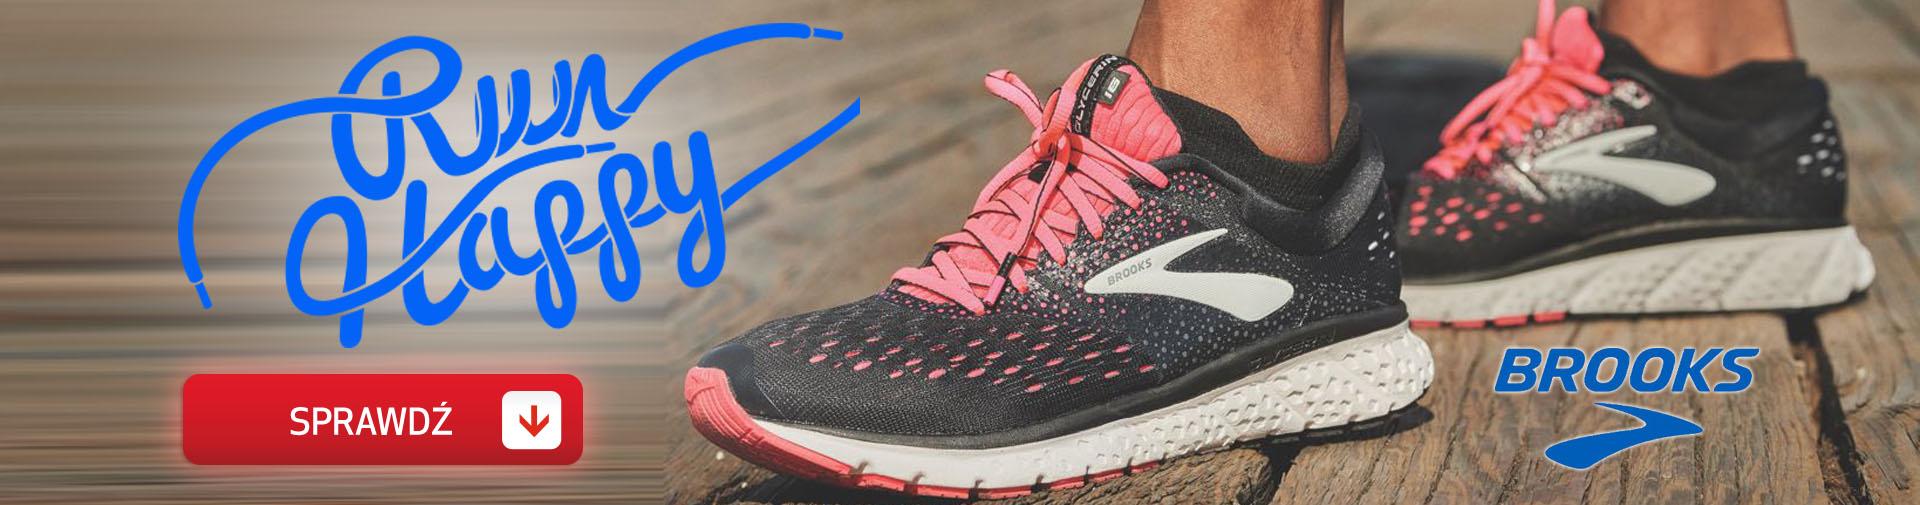 nowa kolekcja butów do biegania Brooks